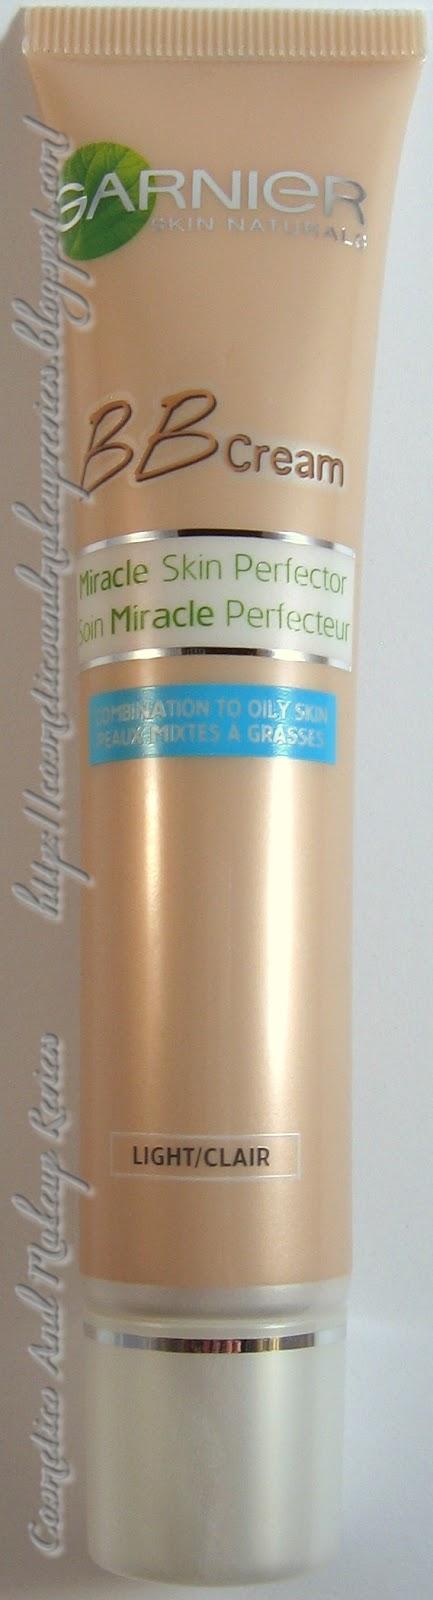 Garnier BB Cream - Perfezionatore di pelle per pelli miste o grasse - colorazione medio-chiara - tubetto